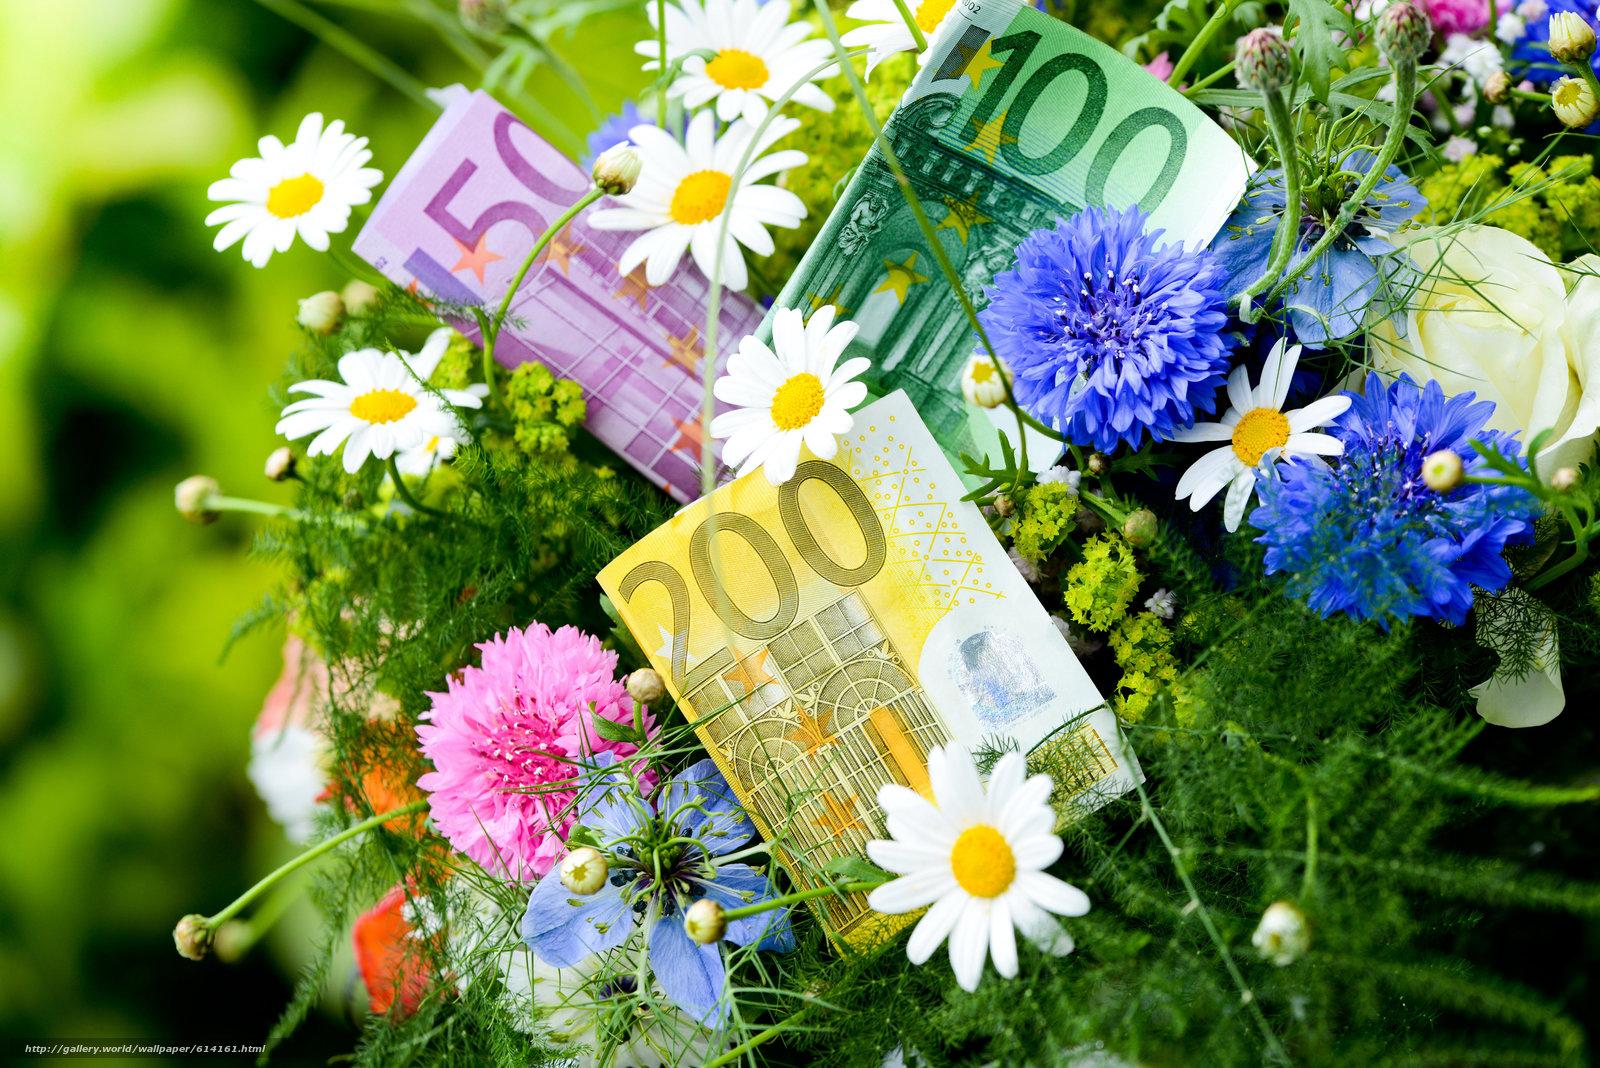 Descargar gratis dinero,  euros,  billetes,  proyecto de ley Fondos de escritorio en la resolucin 7360x4912 — imagen №614161